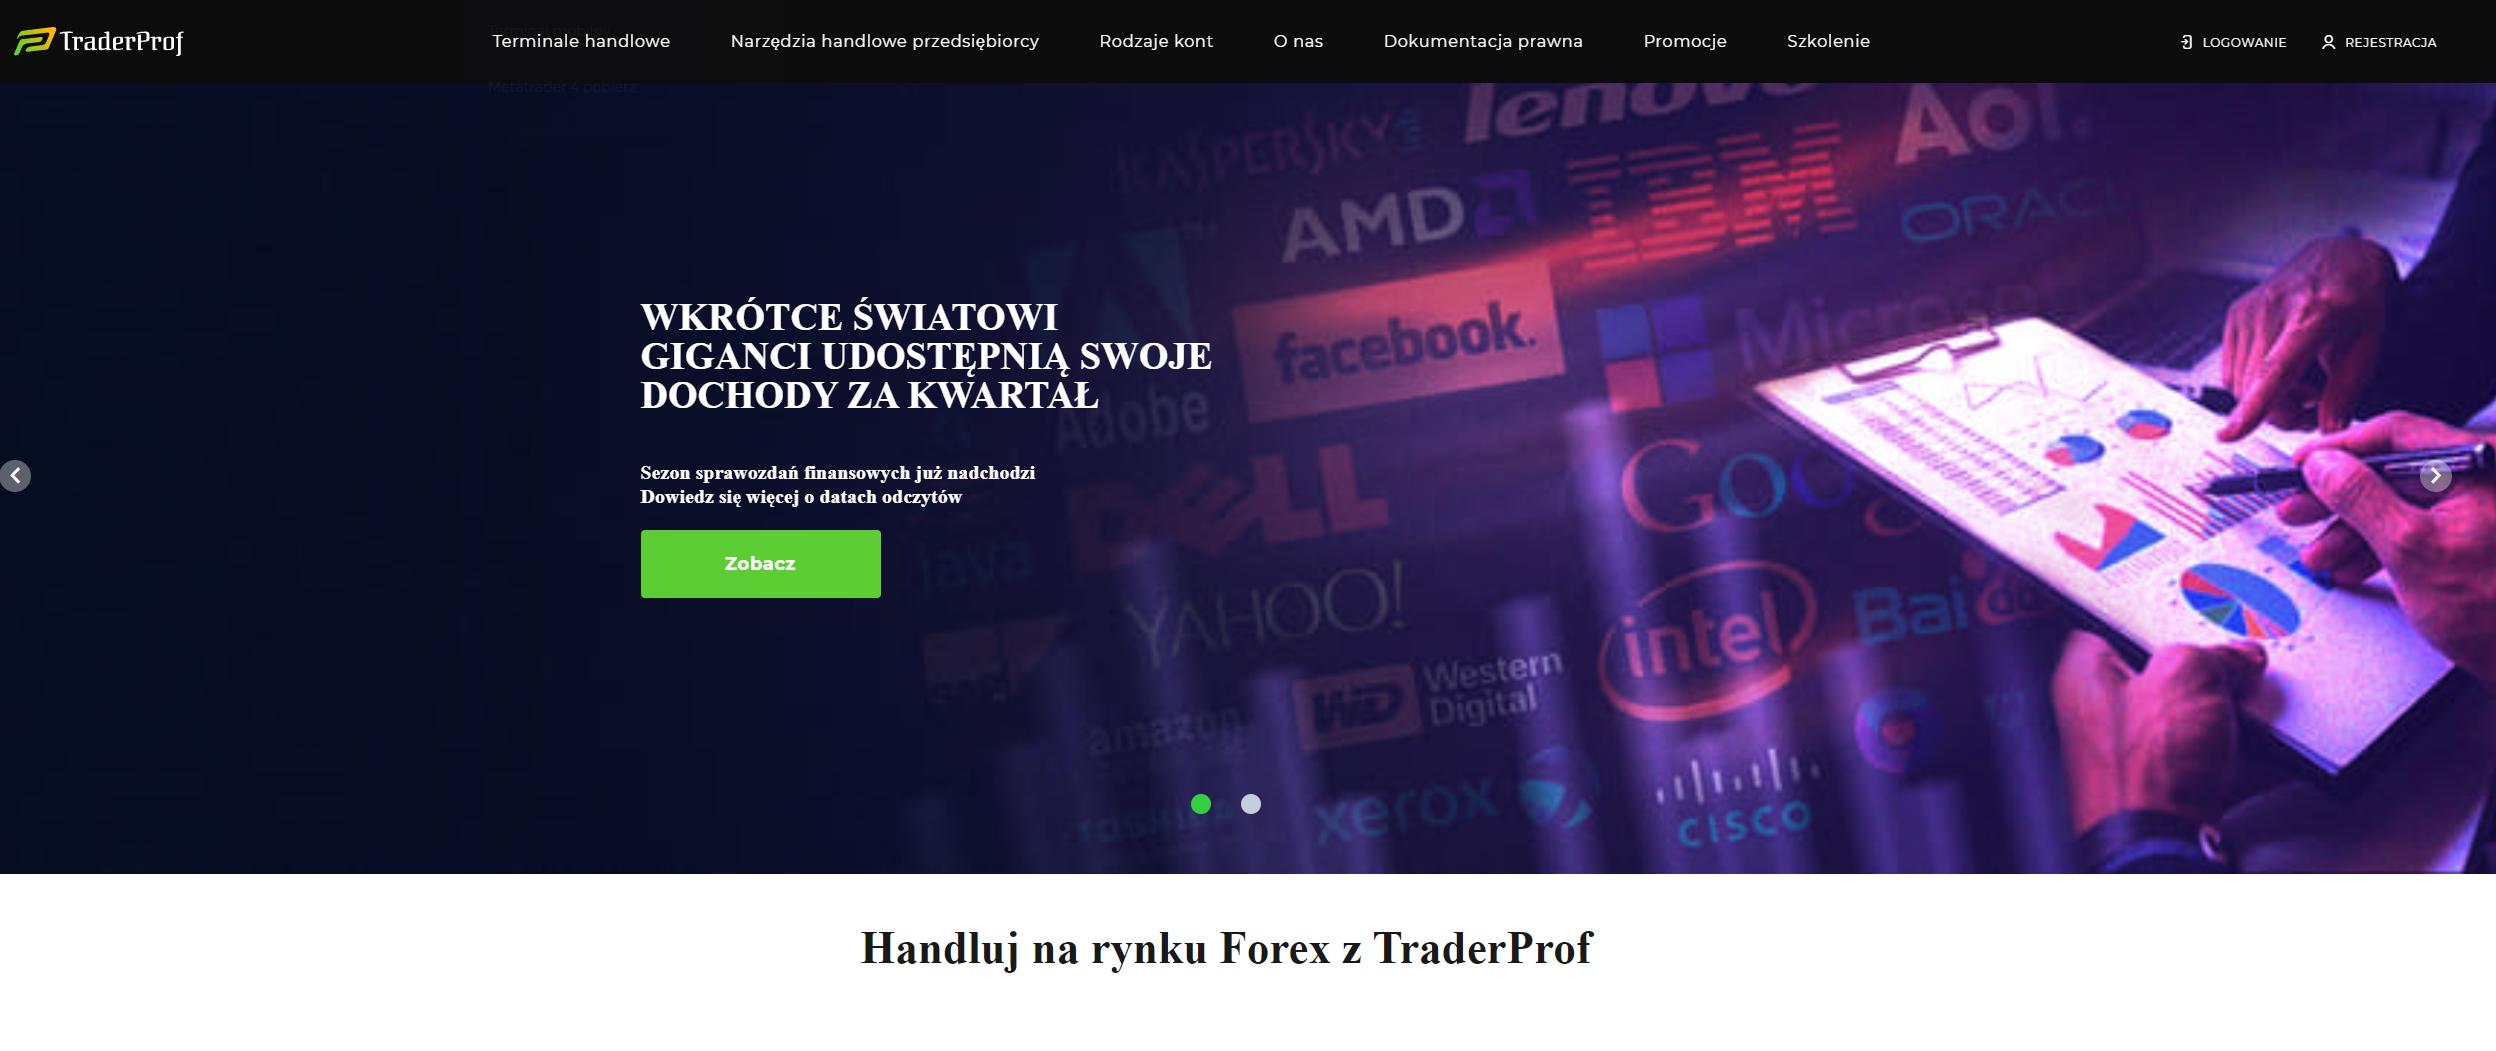 TraderProf: можно ли доверять подобной компании?